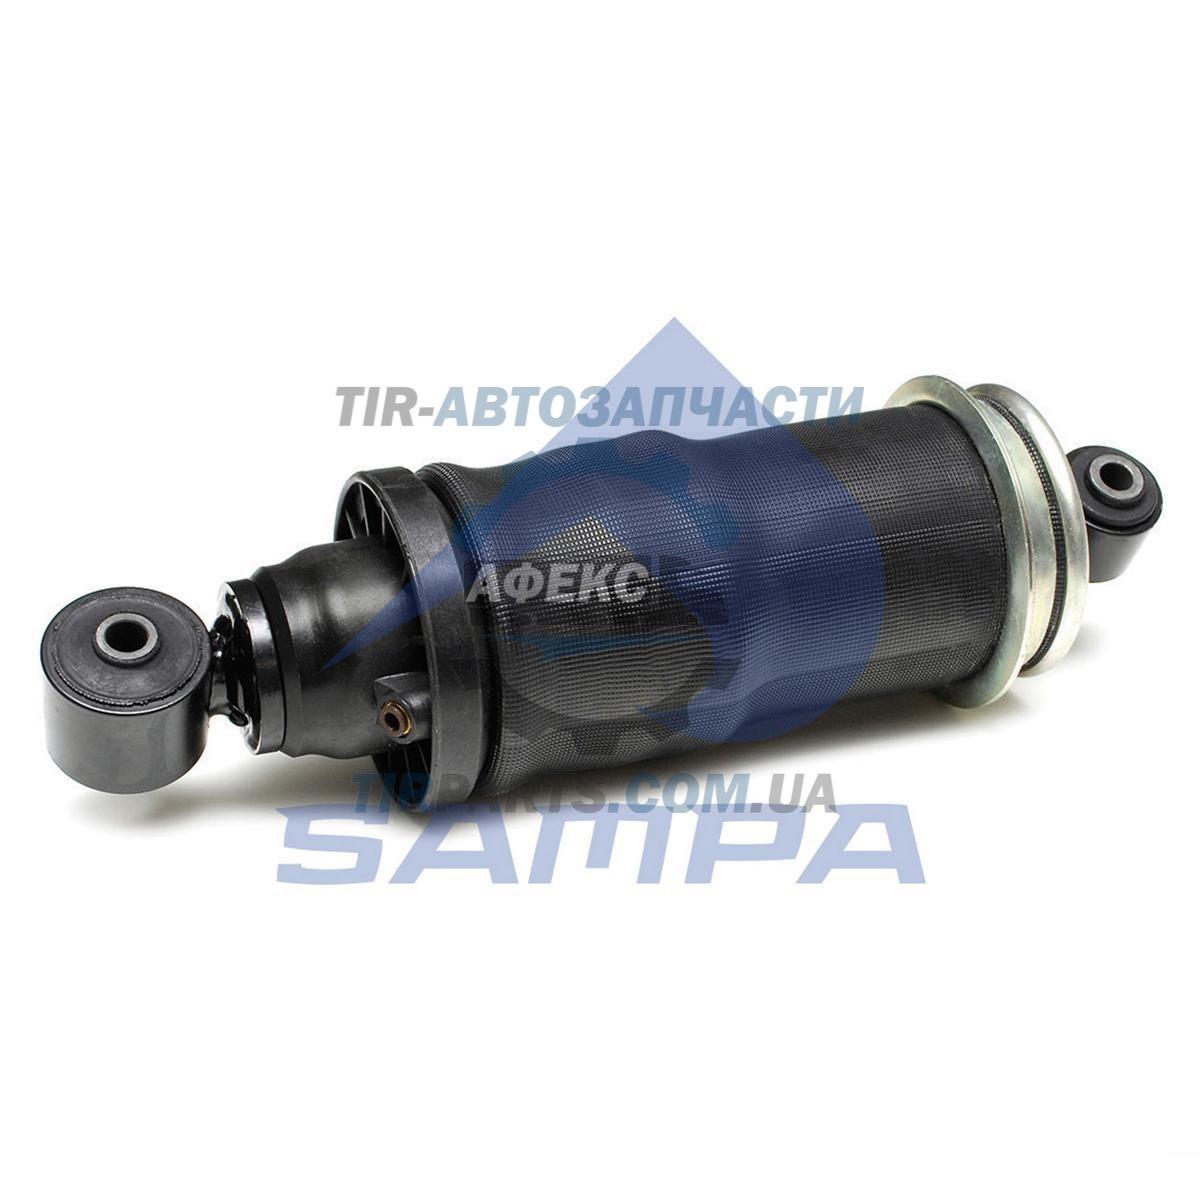 Амортизатор кабины с пневмобаллоном задний в сборе MAN TGA / TGS / TGX F99L / R 15,F99L / R 32-37,F99L / R 40